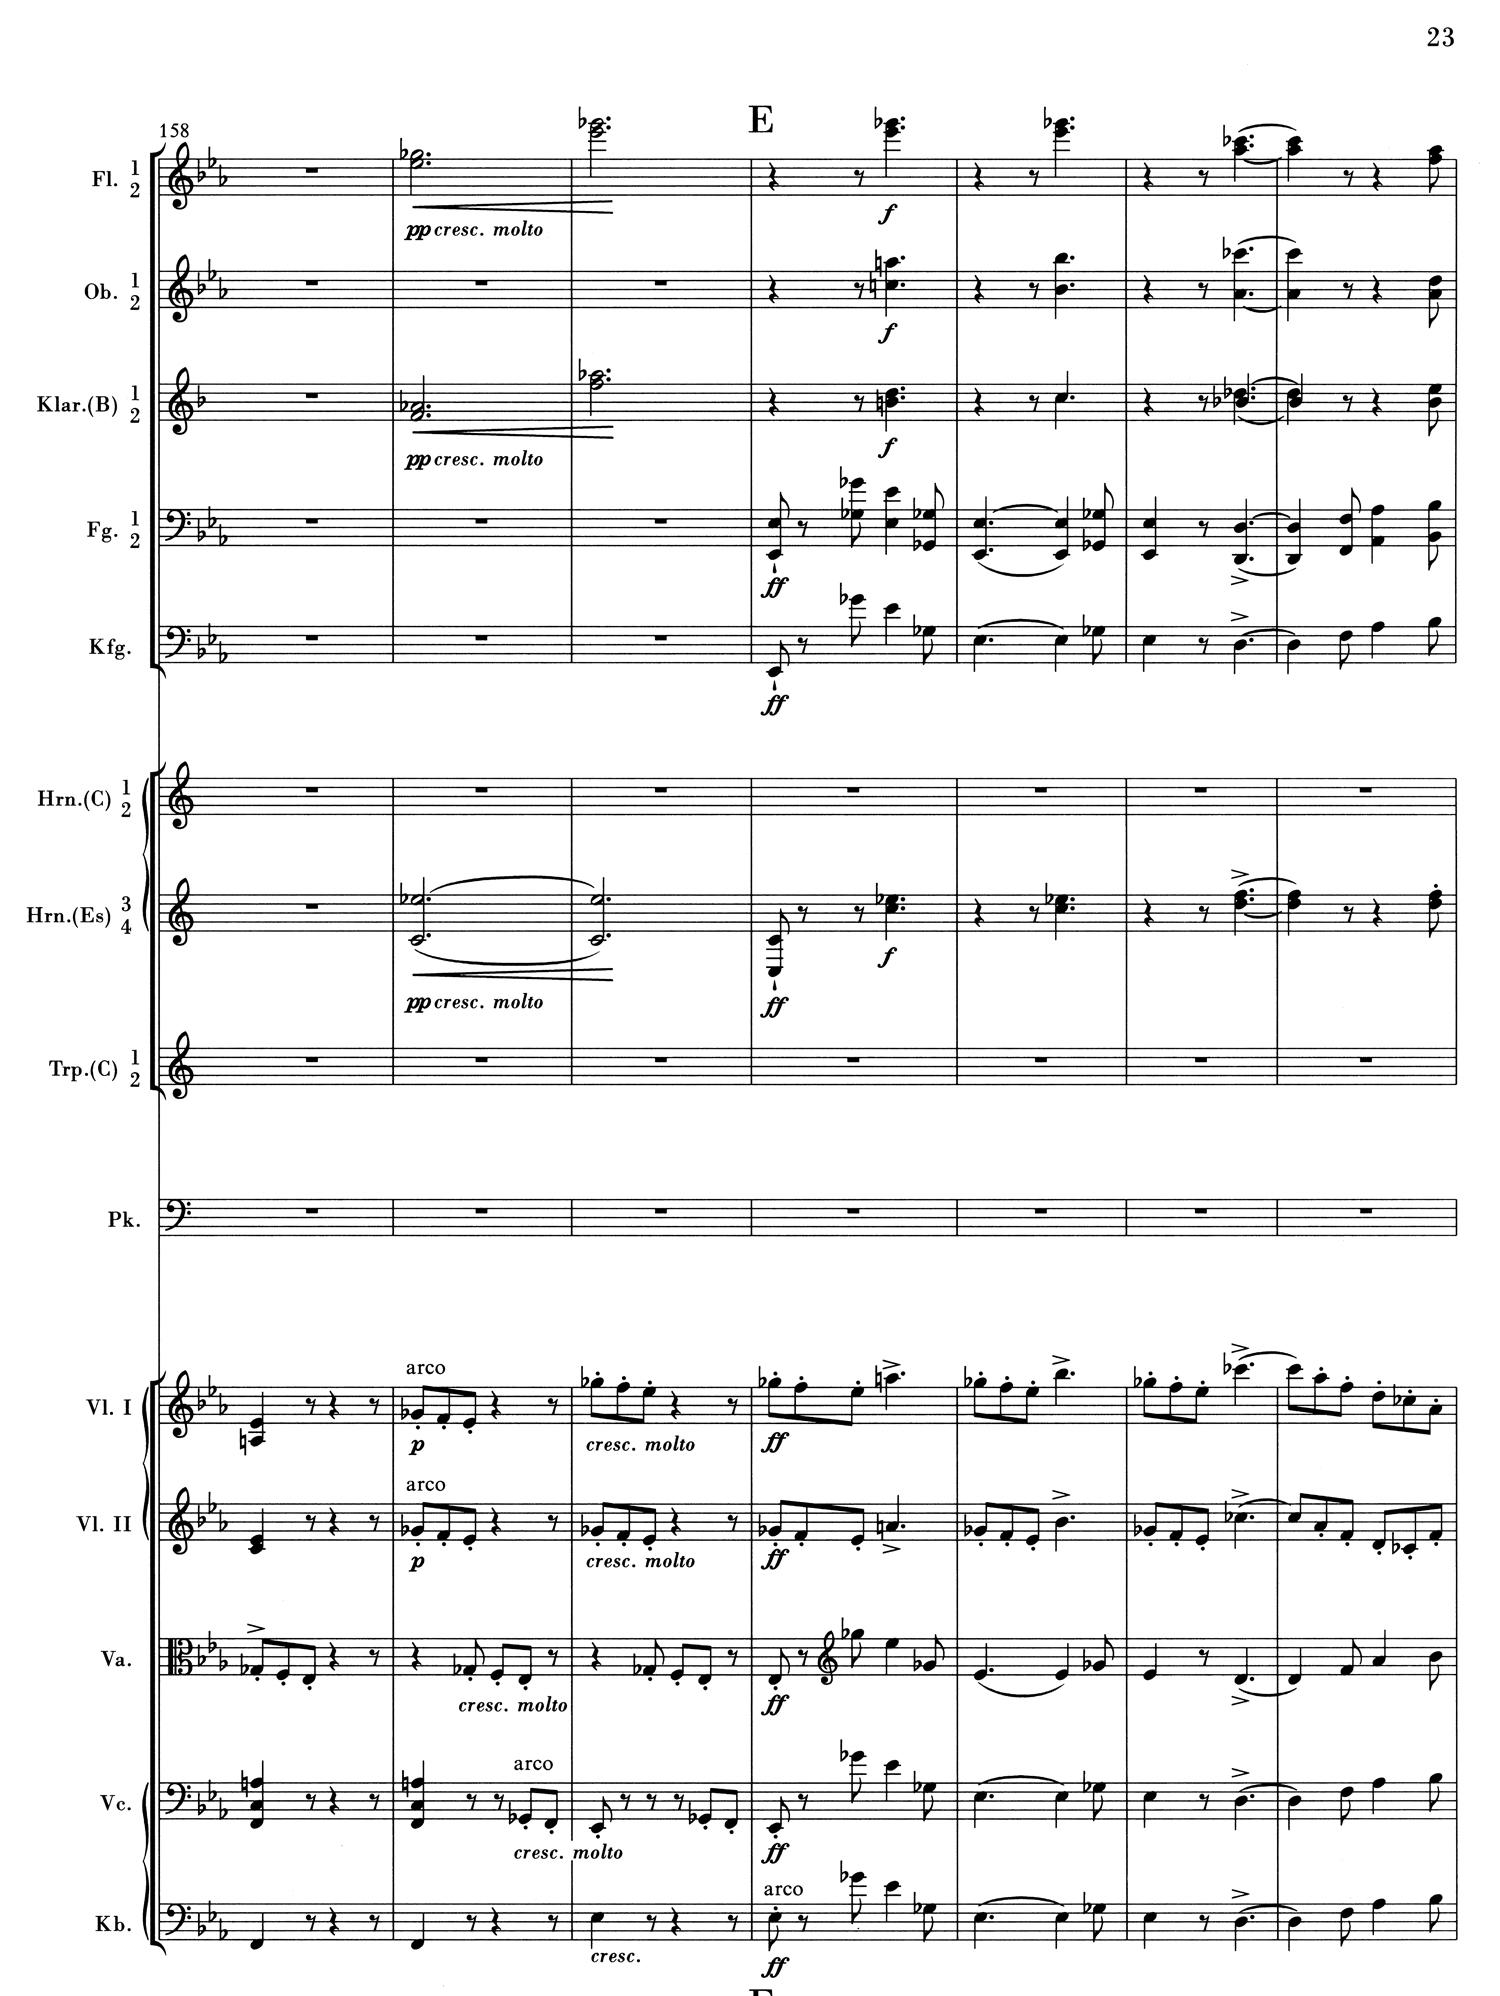 Brahms 1 Mvt 1 Score 1.jpg